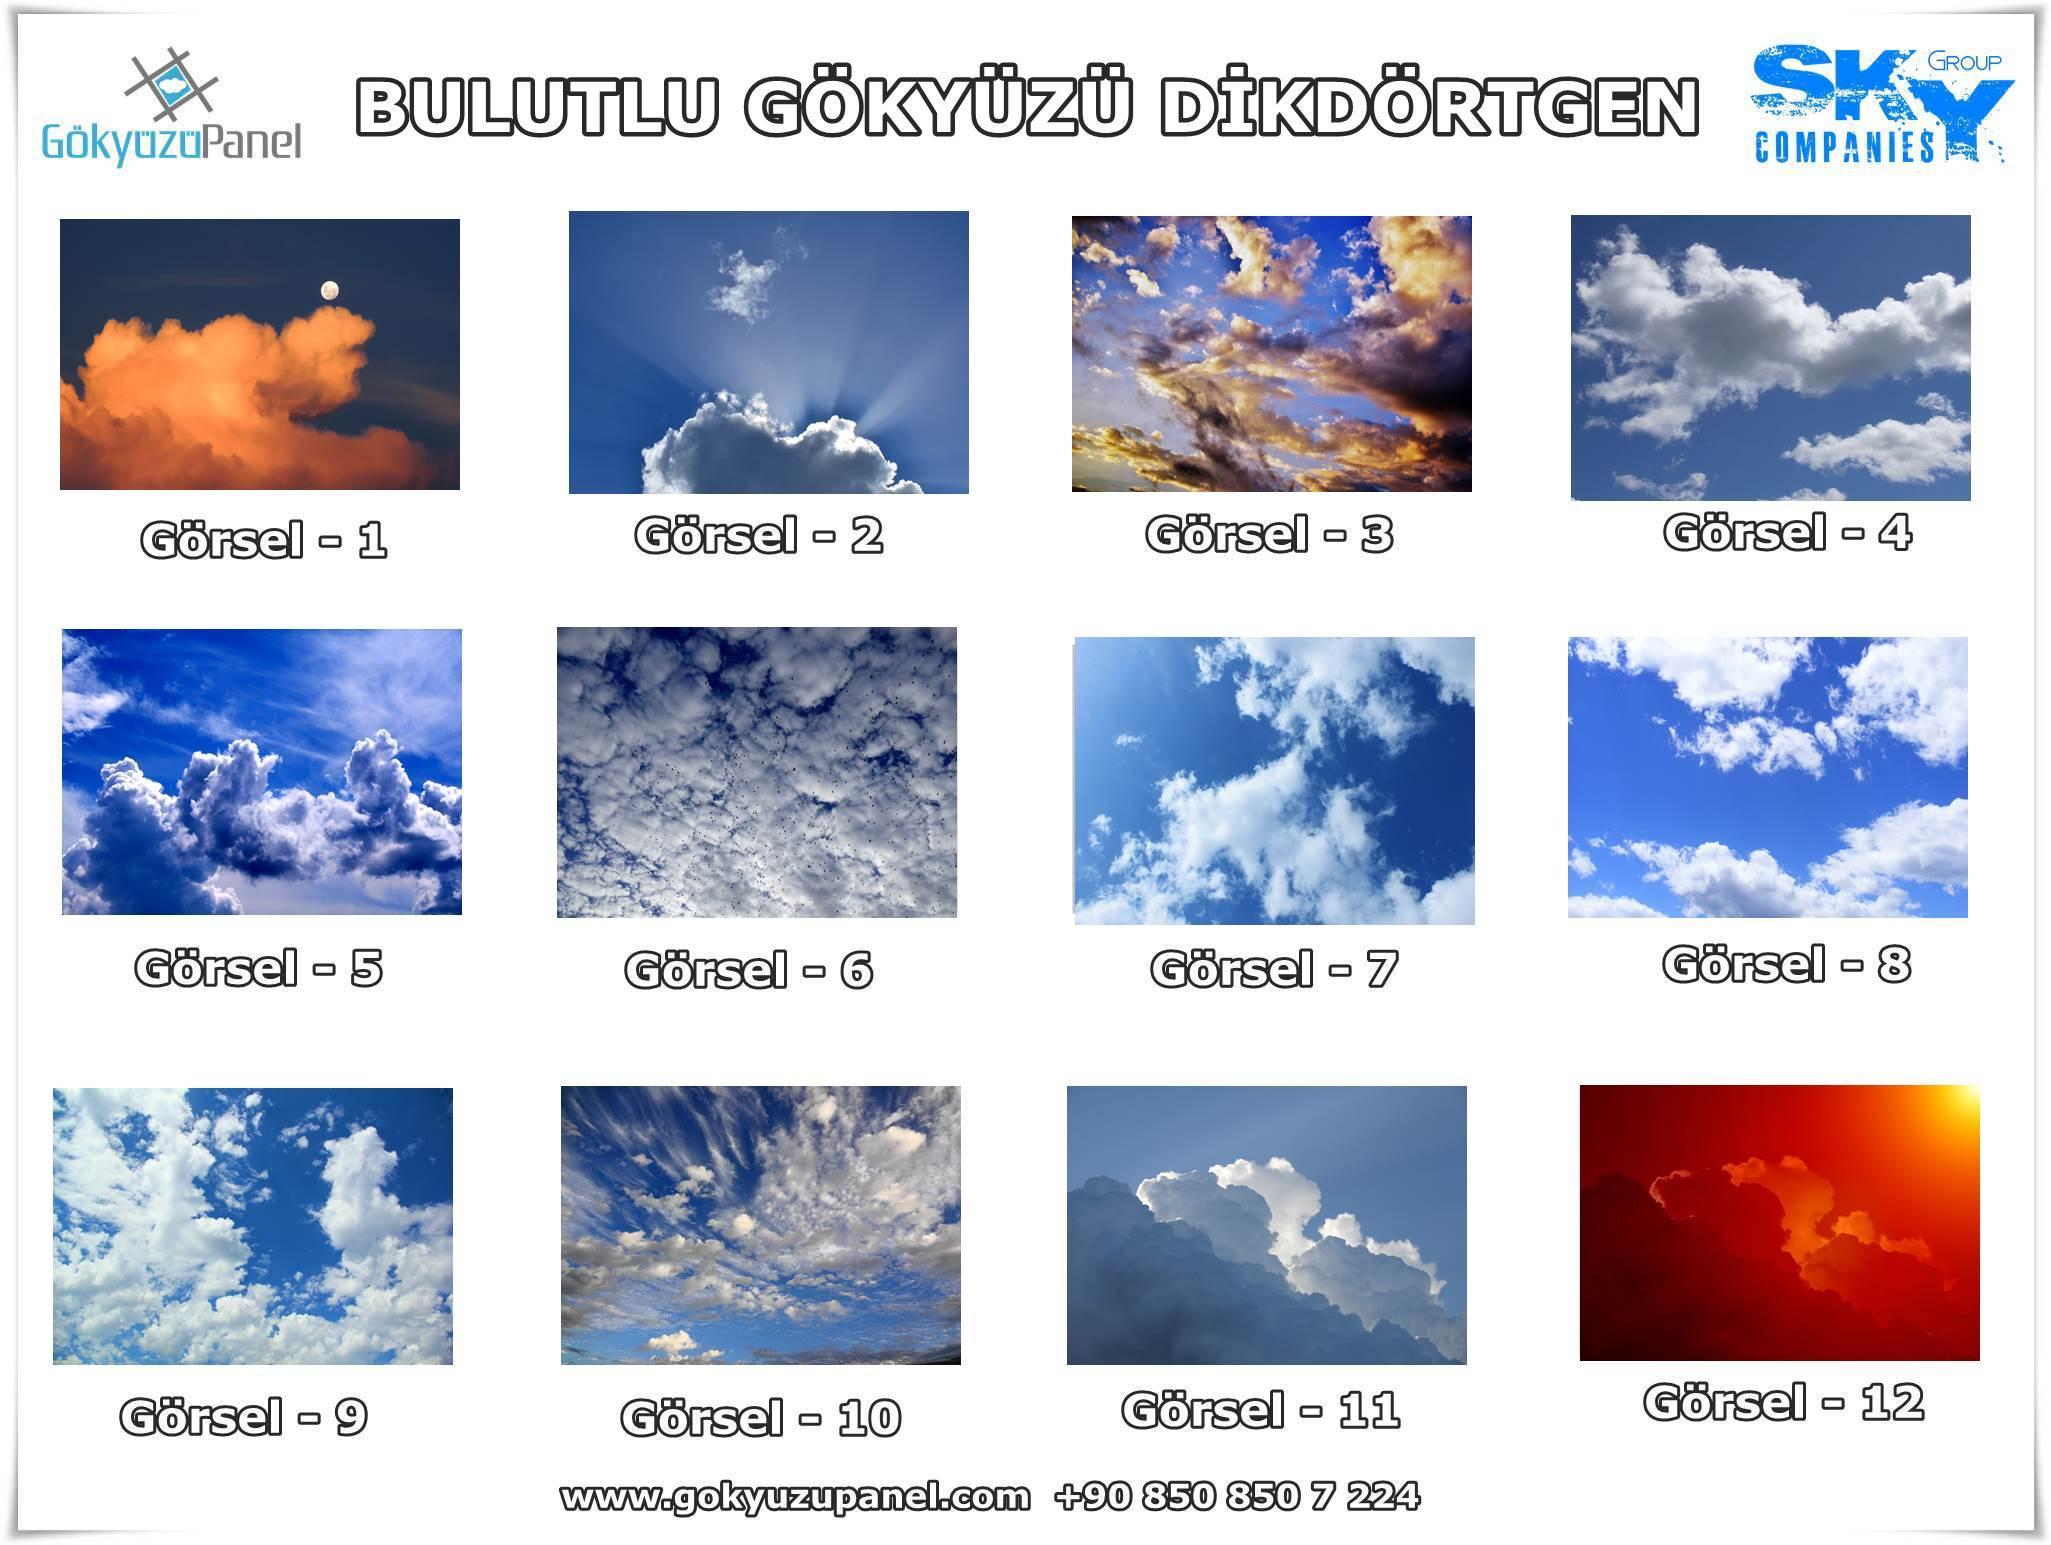 Bulutlu Gökyüzü Dikdörtgen